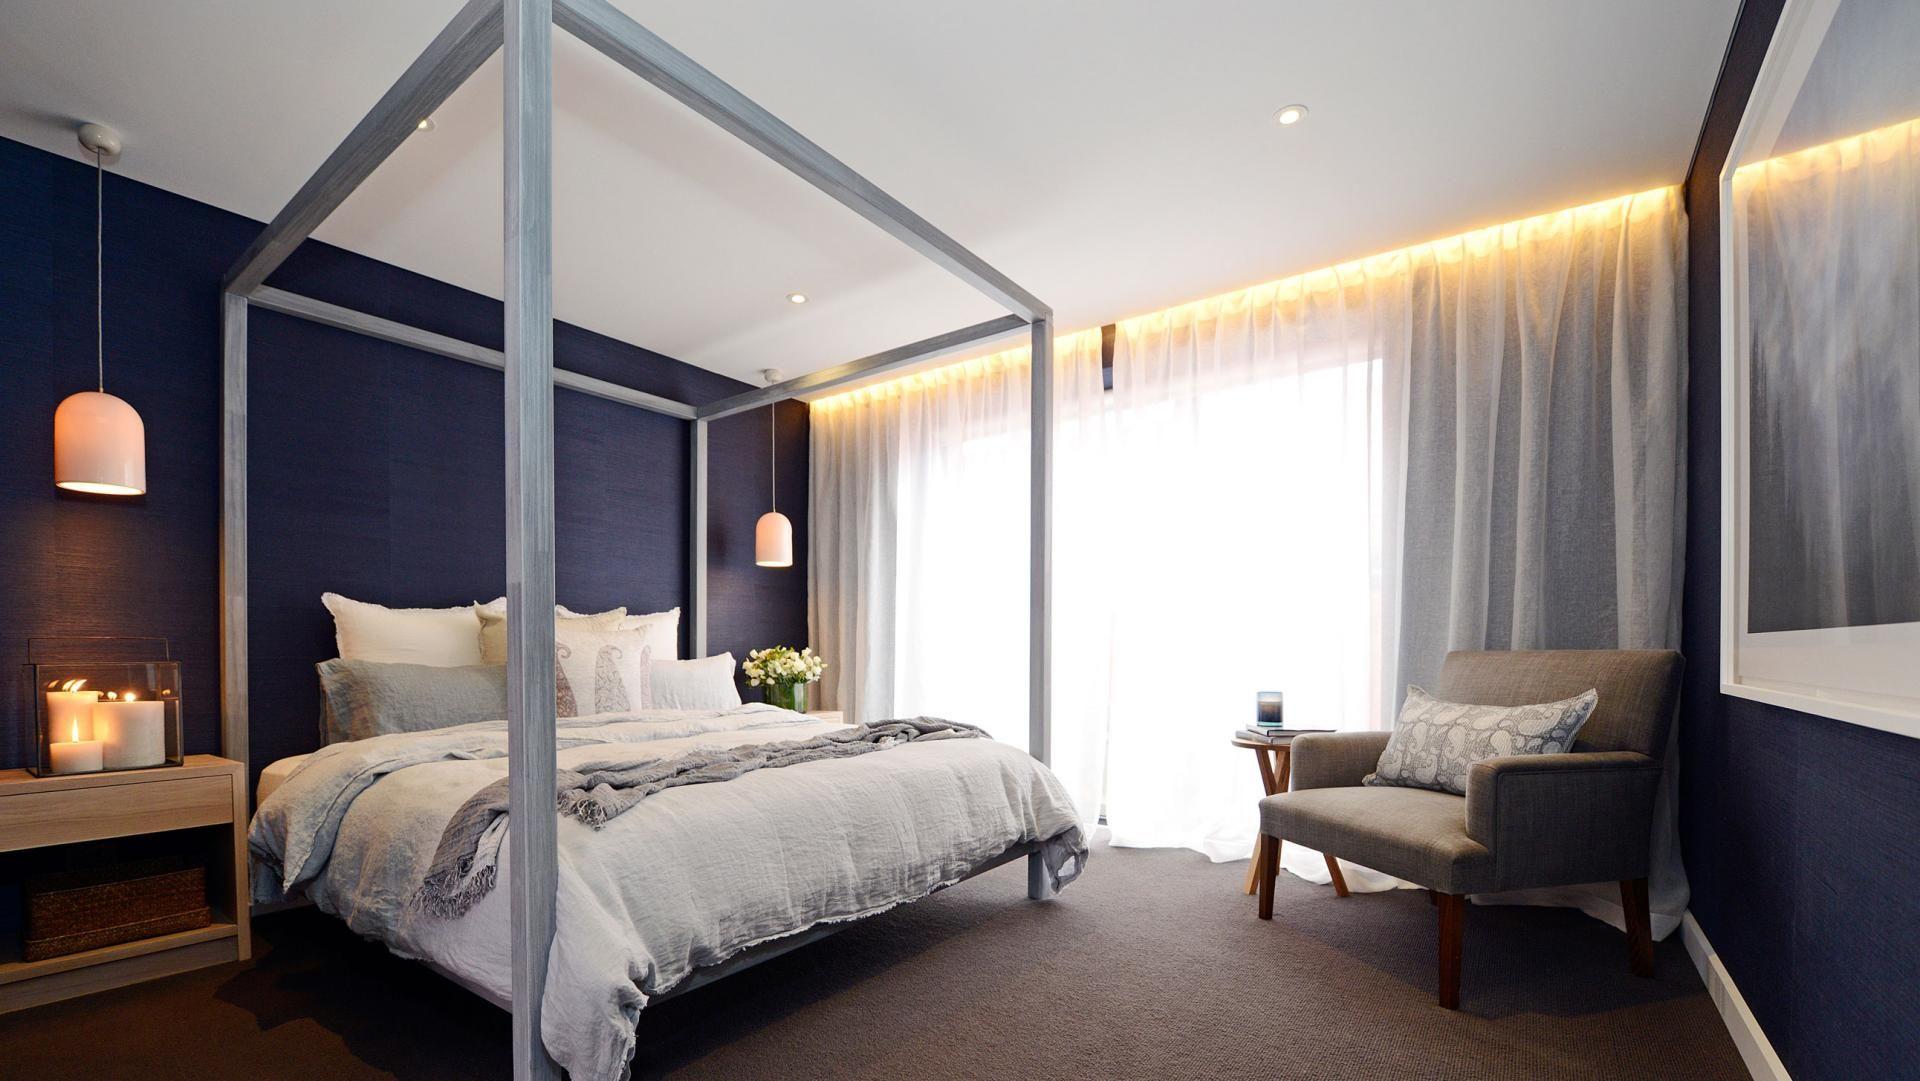 #theblock master bedroom #roomreveals: Dea & Darren's room. Photography by Martin Philbey.